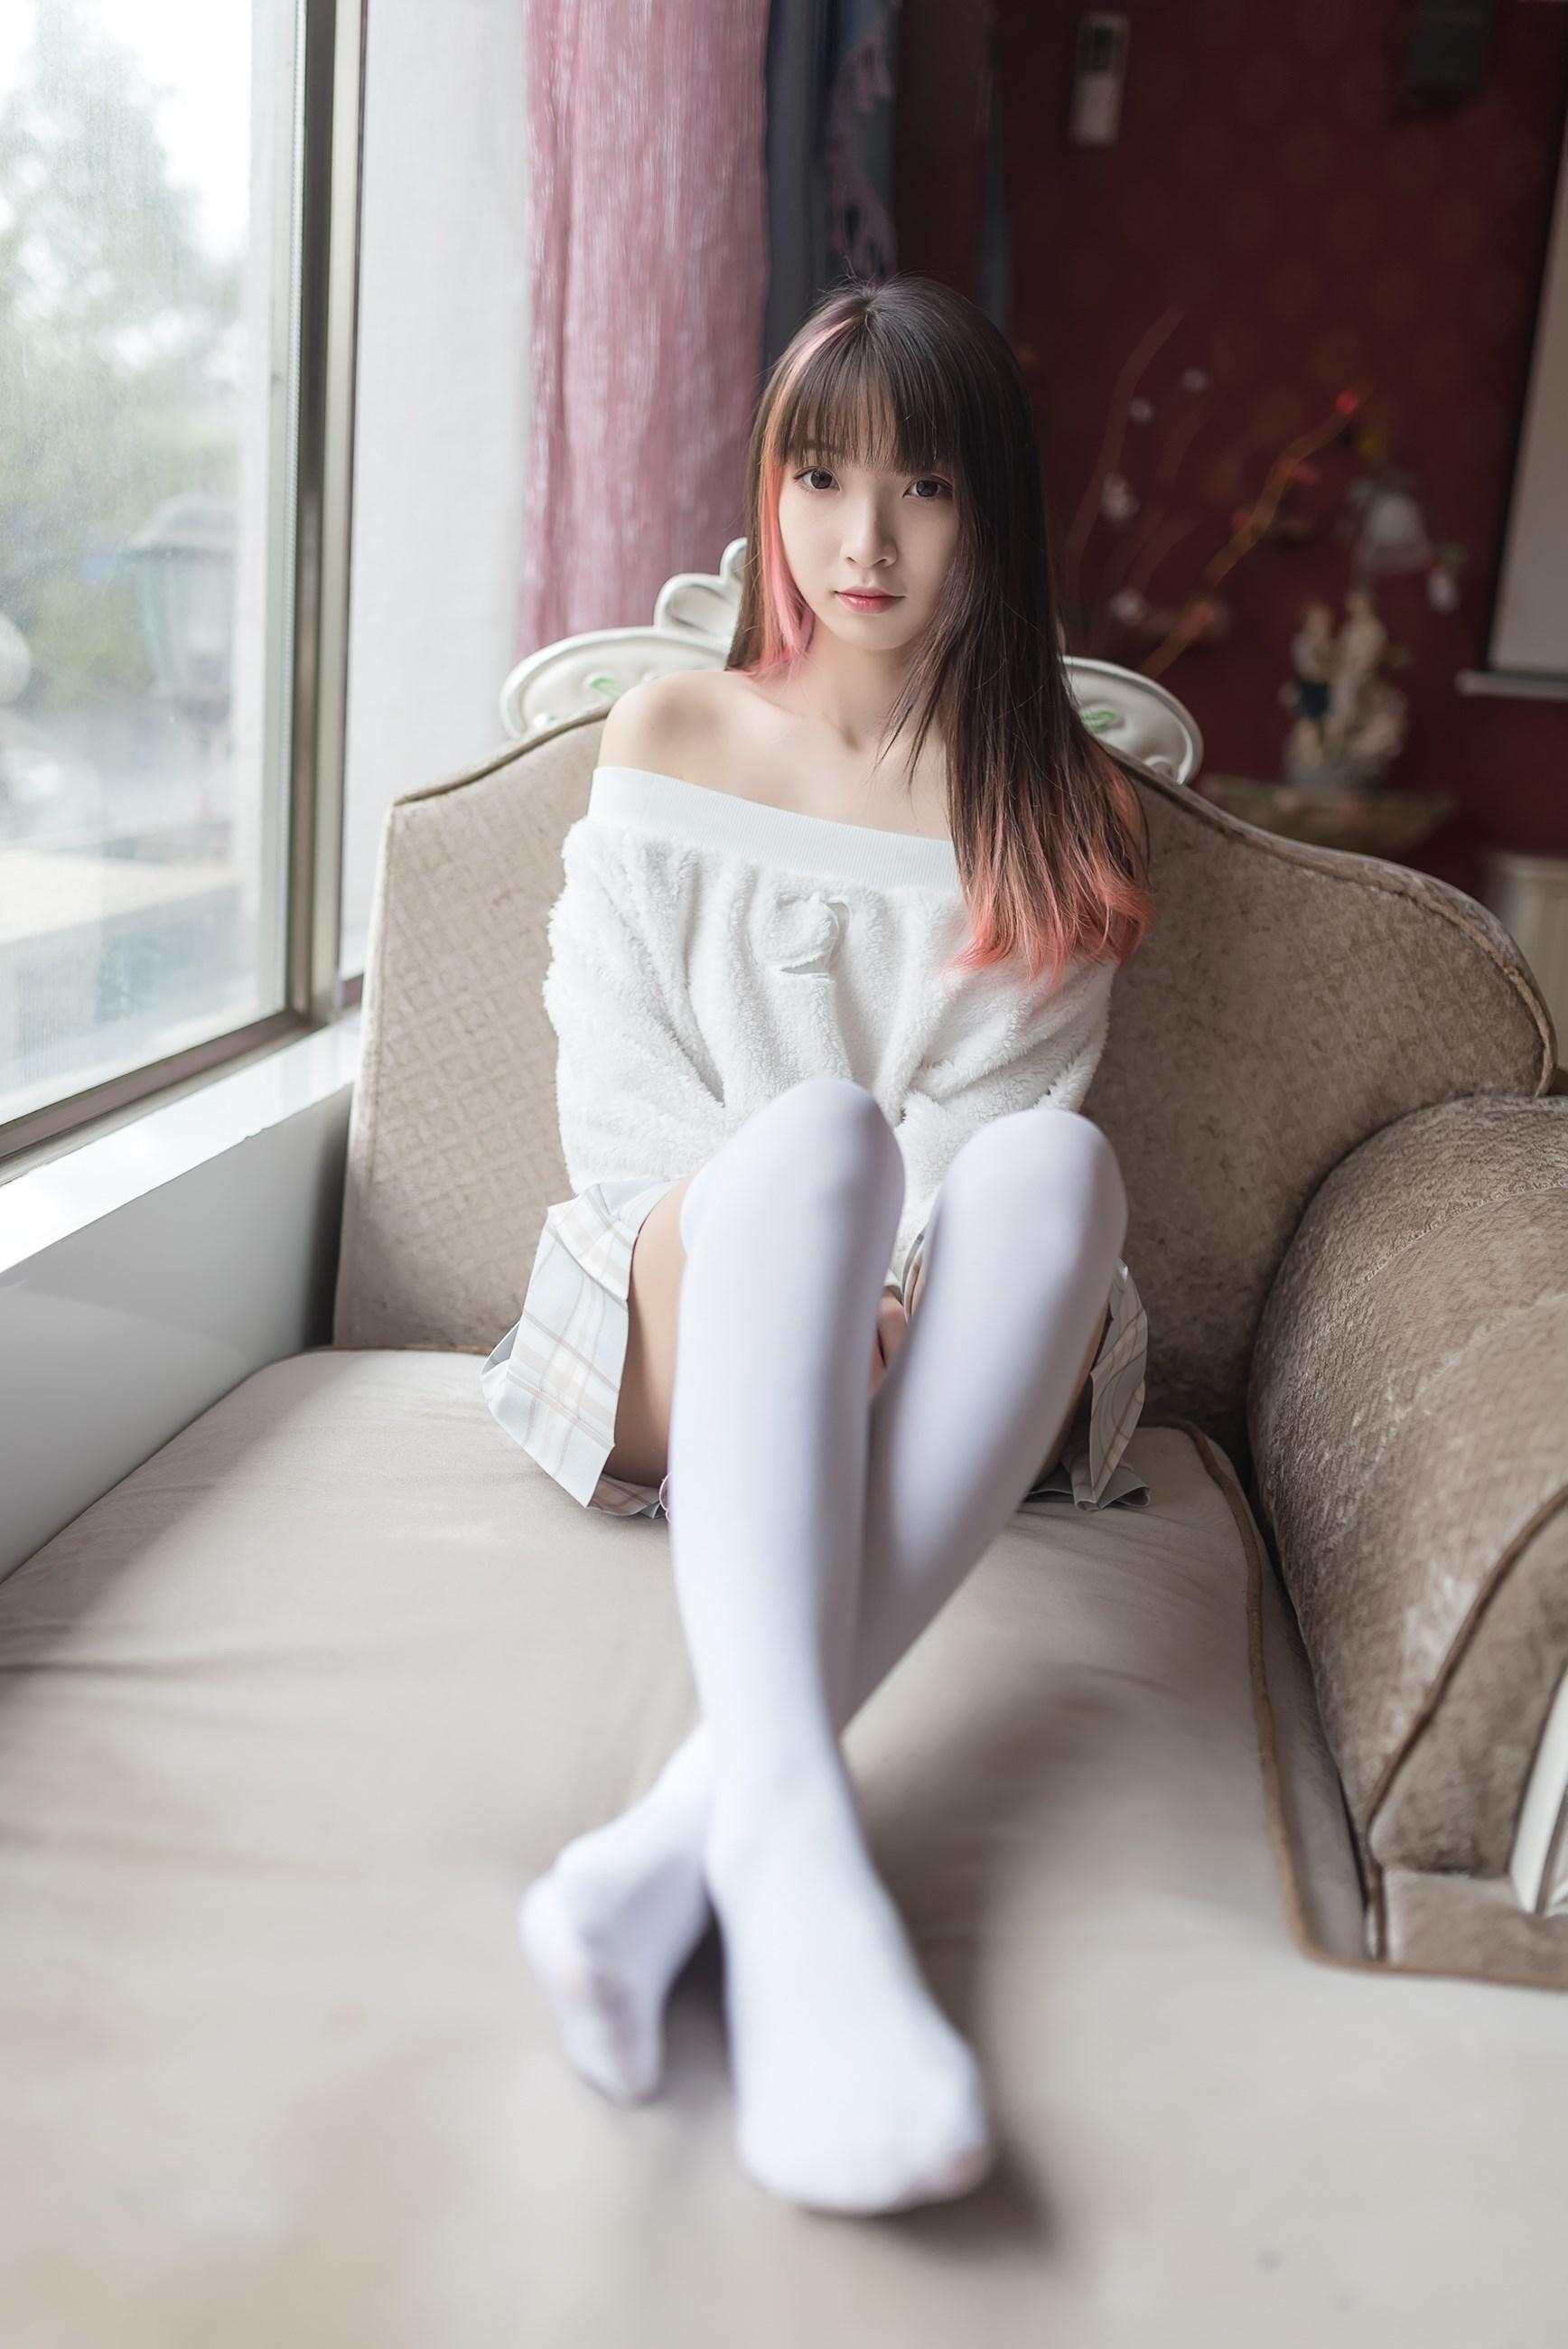 【兔玩映画】露肩少女 兔玩映画 第39张